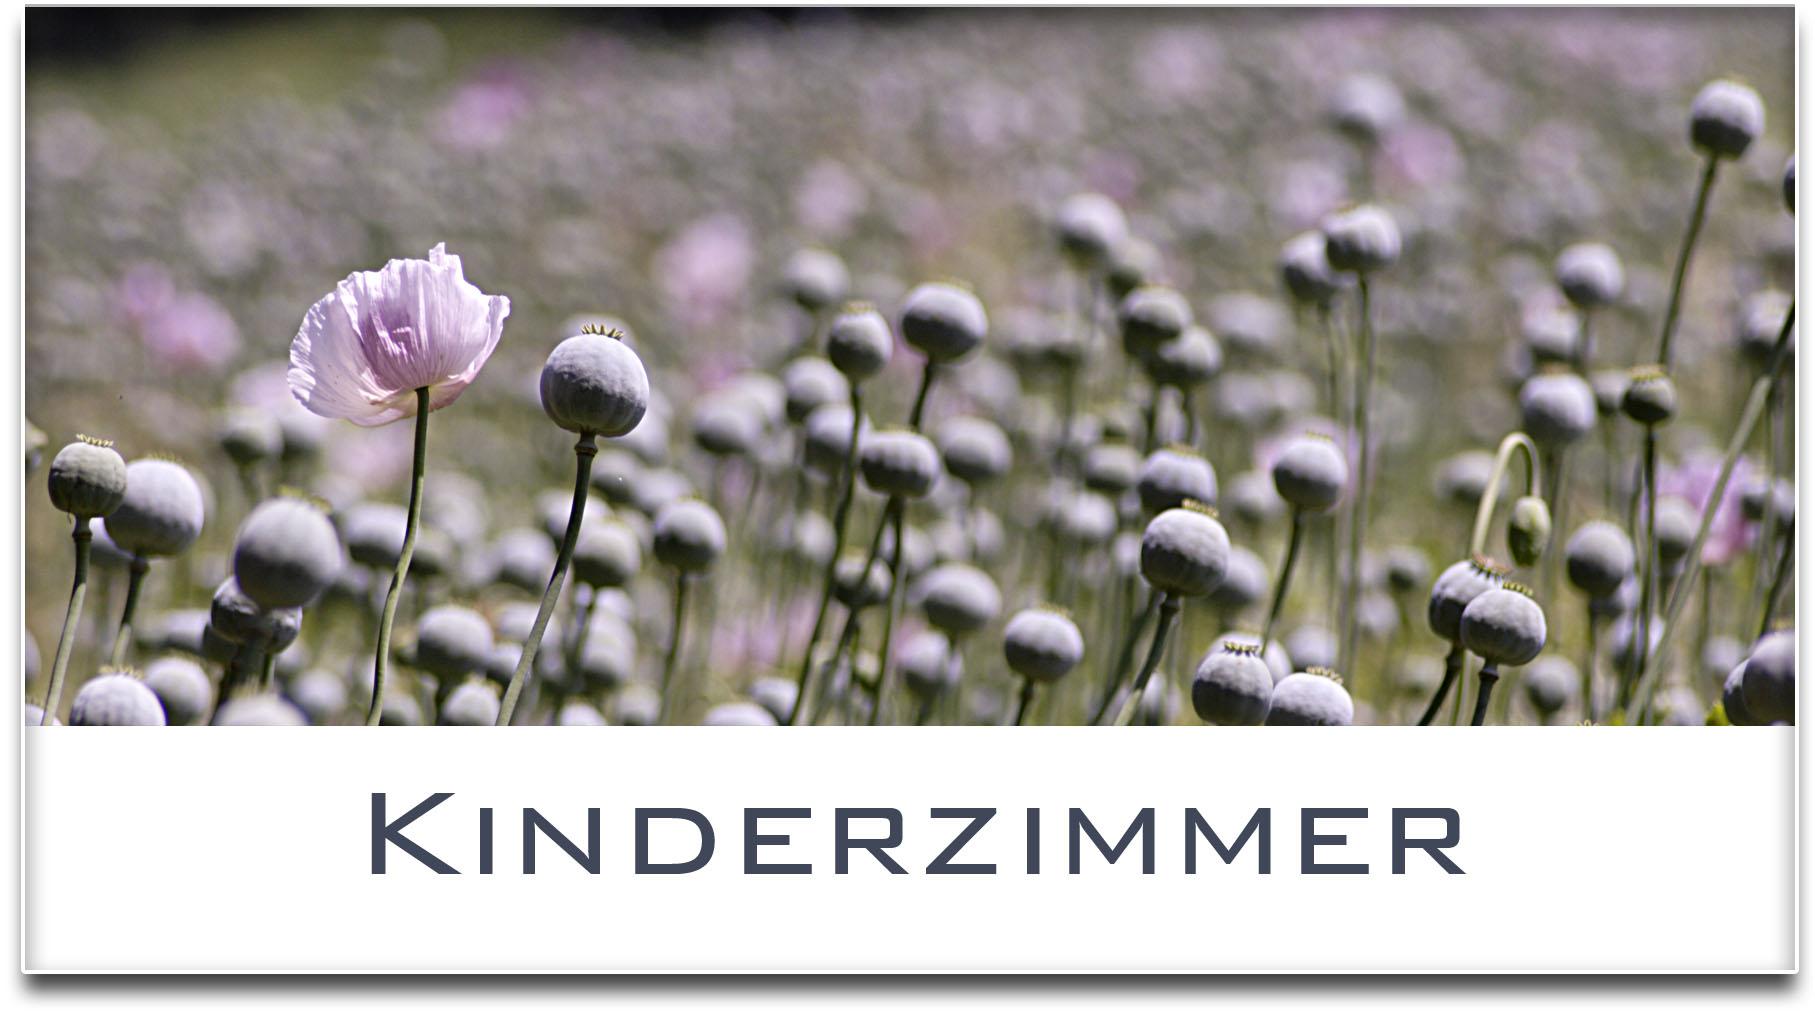 Türschild / Haustürschild / Mohnfeld / Kinderzimmer / Selbstklebend